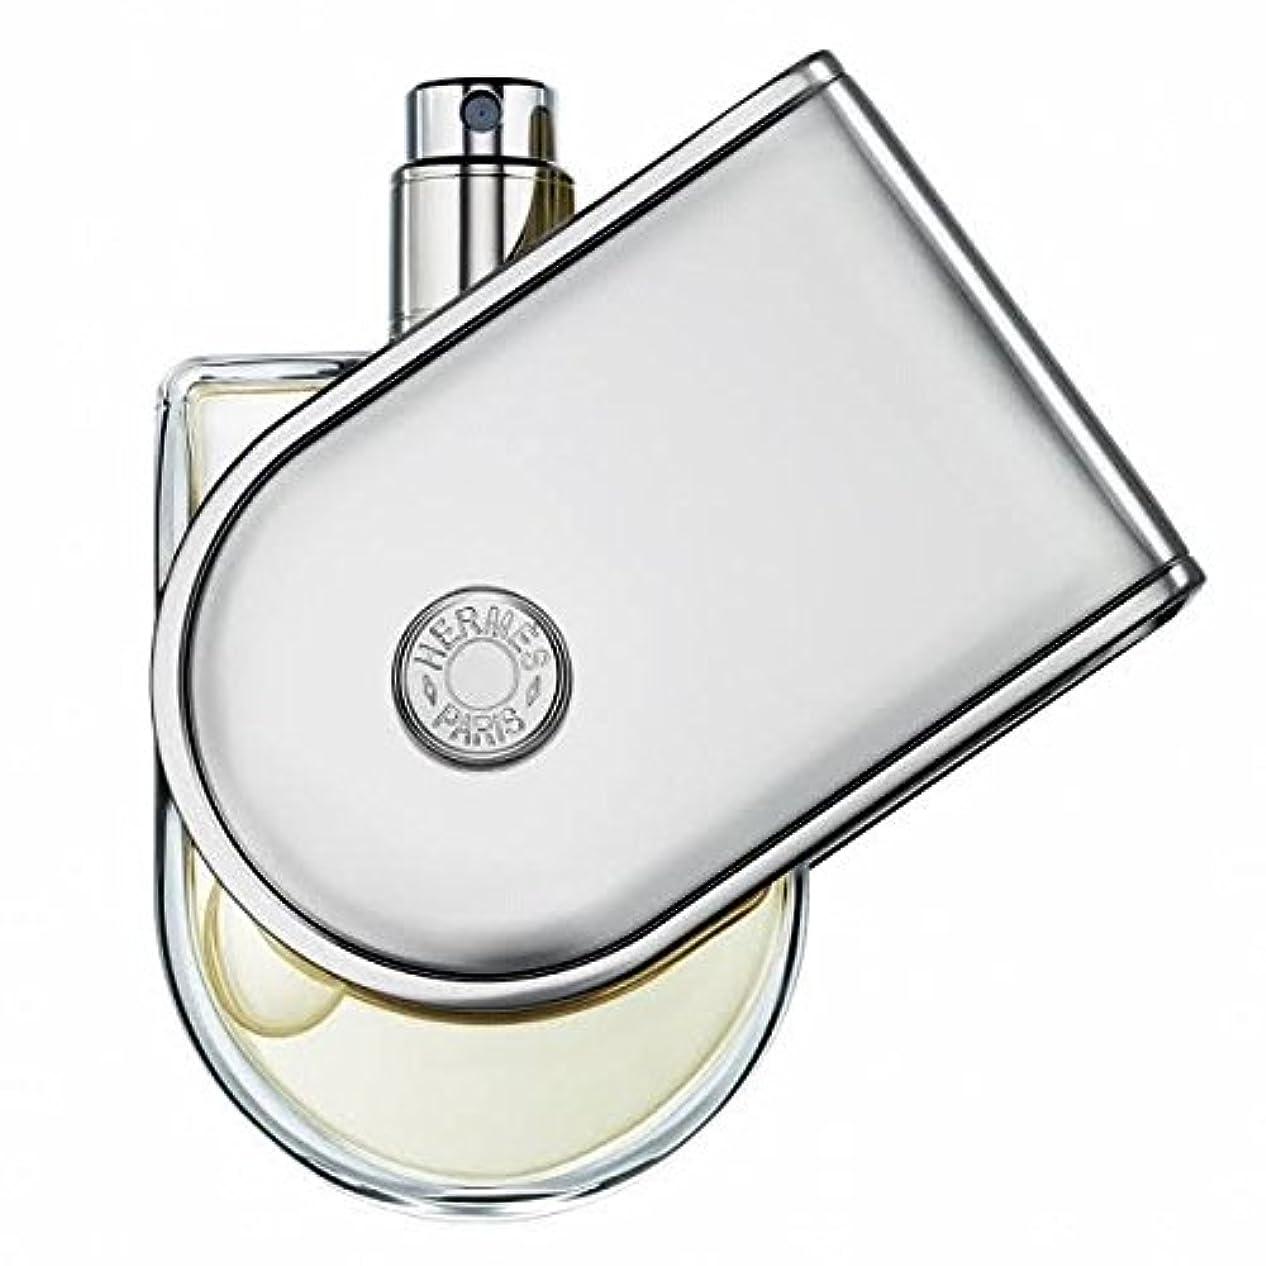 チューリップセラフ炎上エルメス ヴォヤージュ ドゥ エルメス オードトワレ EDT ナチュラルスプレー 35mL 香水